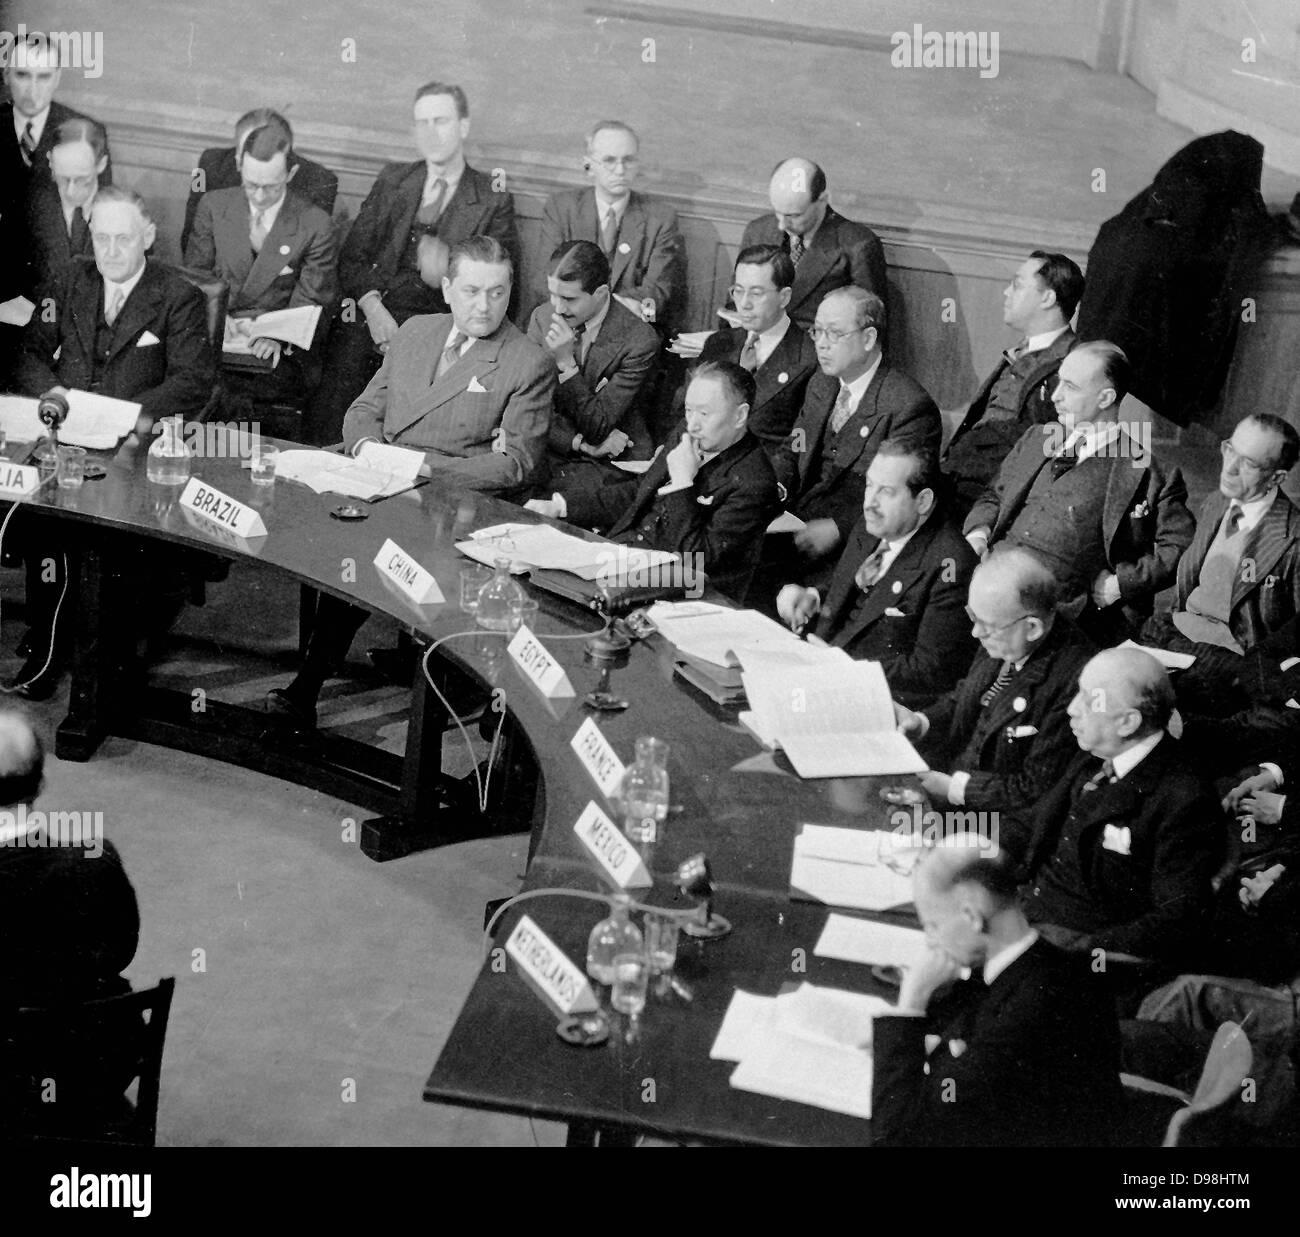 4f1220f082 La prima sessione dell' Assemblea generale delle Nazioni Unite ha aperto il  10 gennaio 1946 presso il Central Hall di Londra, Regno Unito.